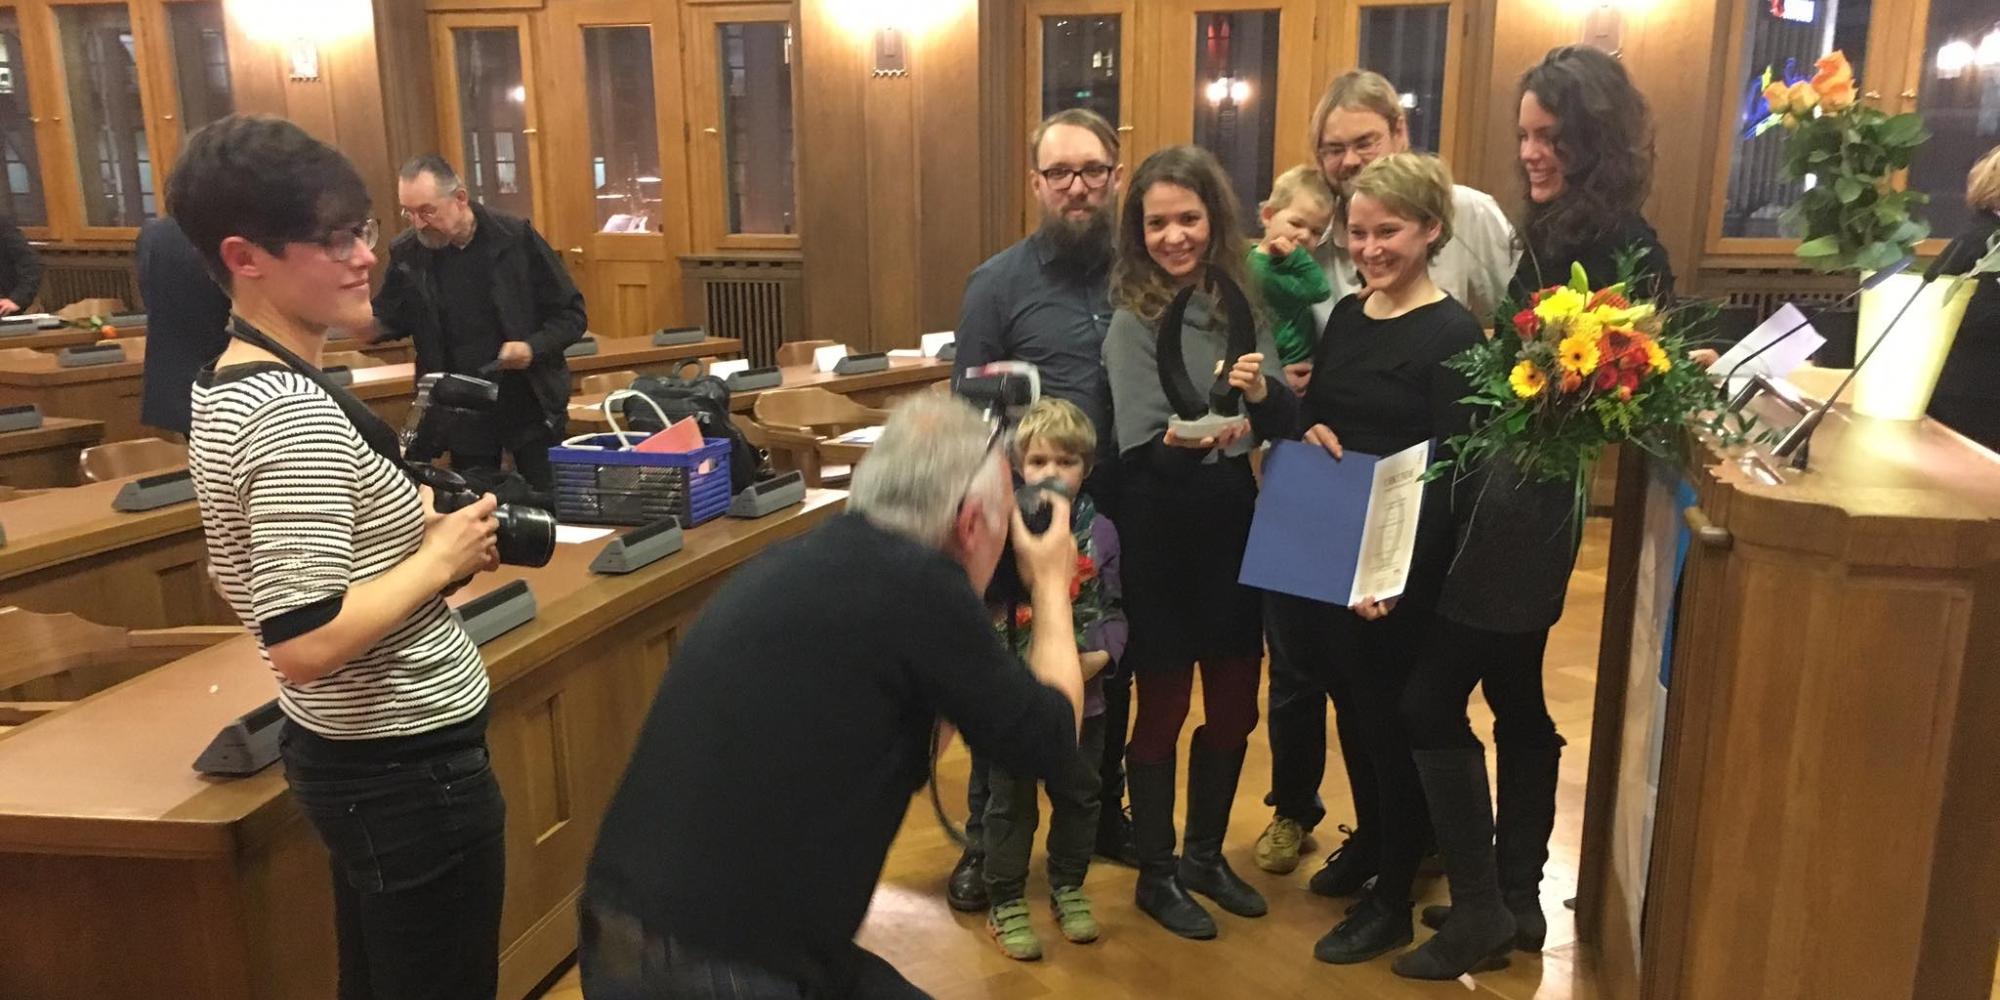 Theatertreffen Unentdeckte Nachbarn bekommt den Chemnitzer Friedenspreis 2017